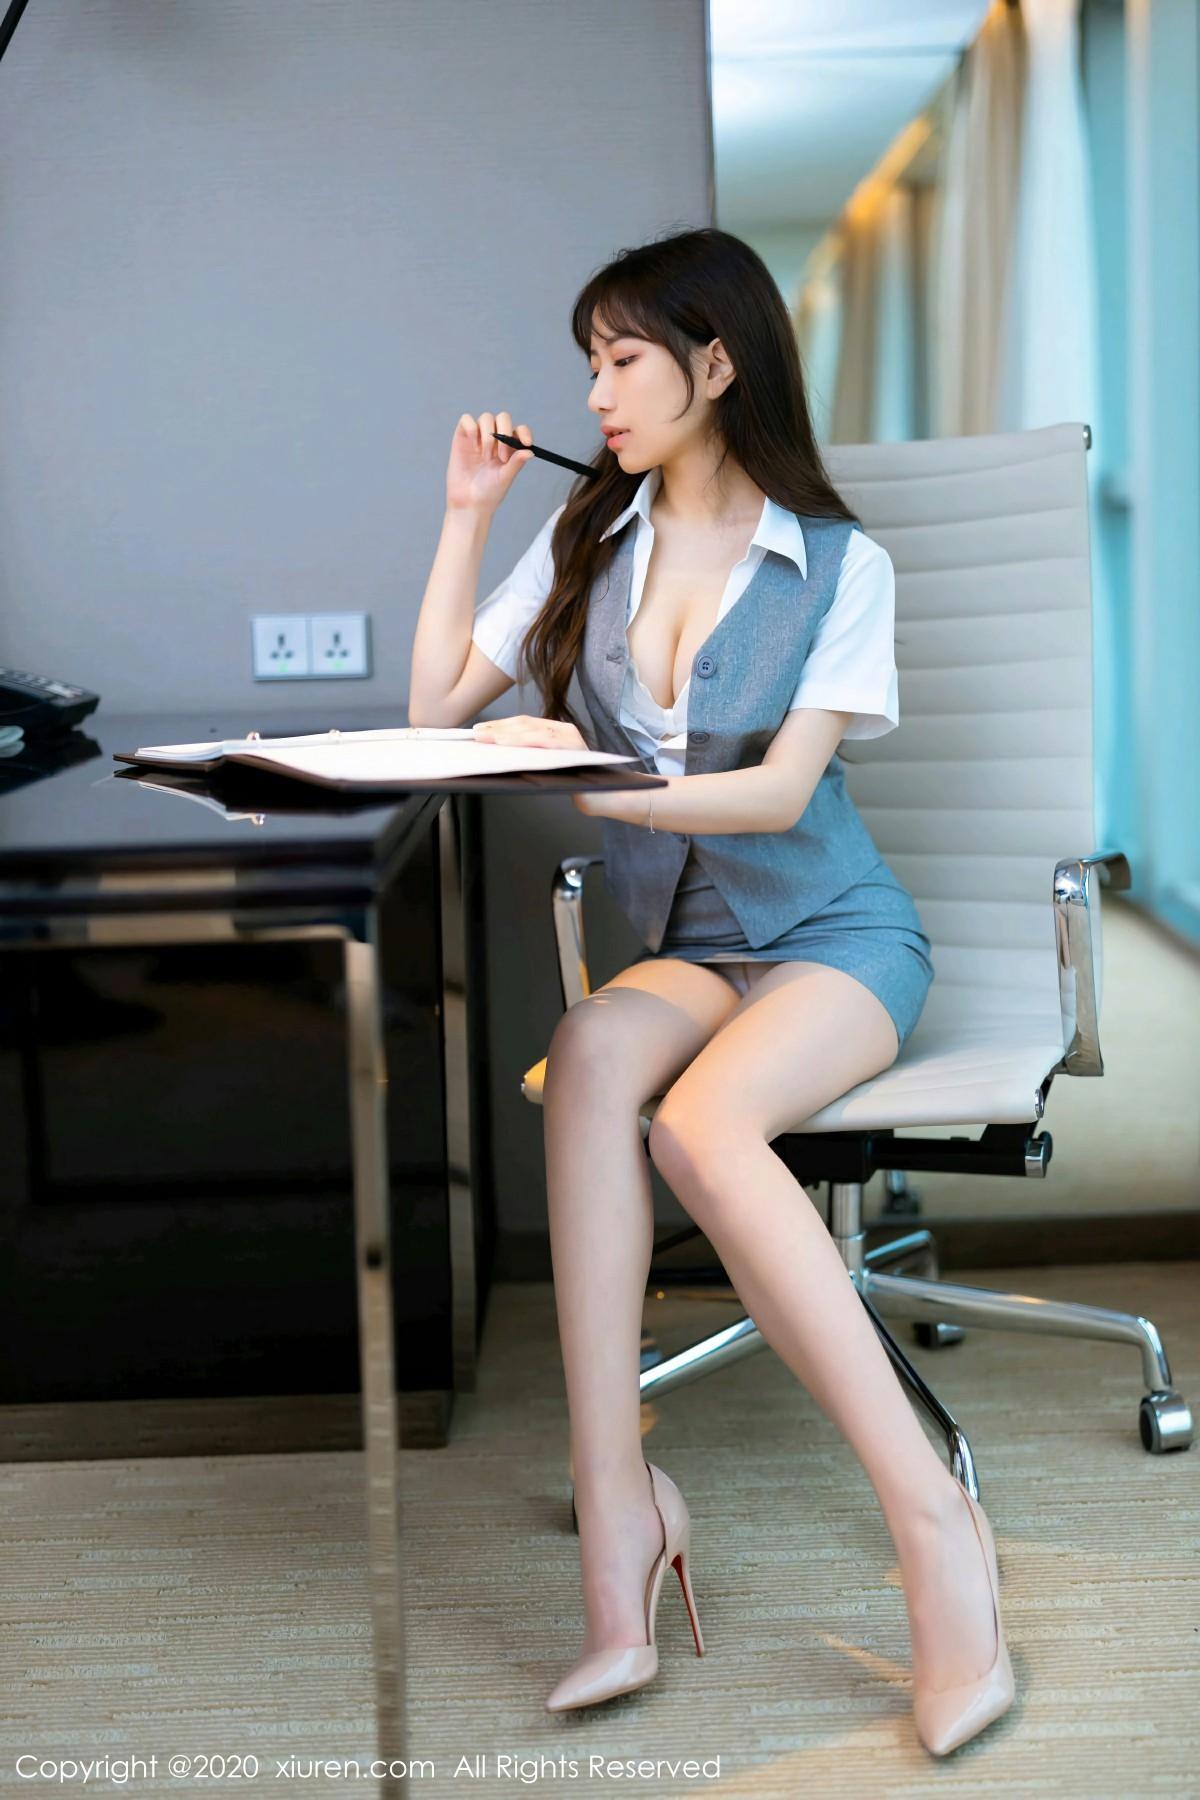 [XiuRen秀人网]2020.05.14 No.2244 bunny七七 第4张